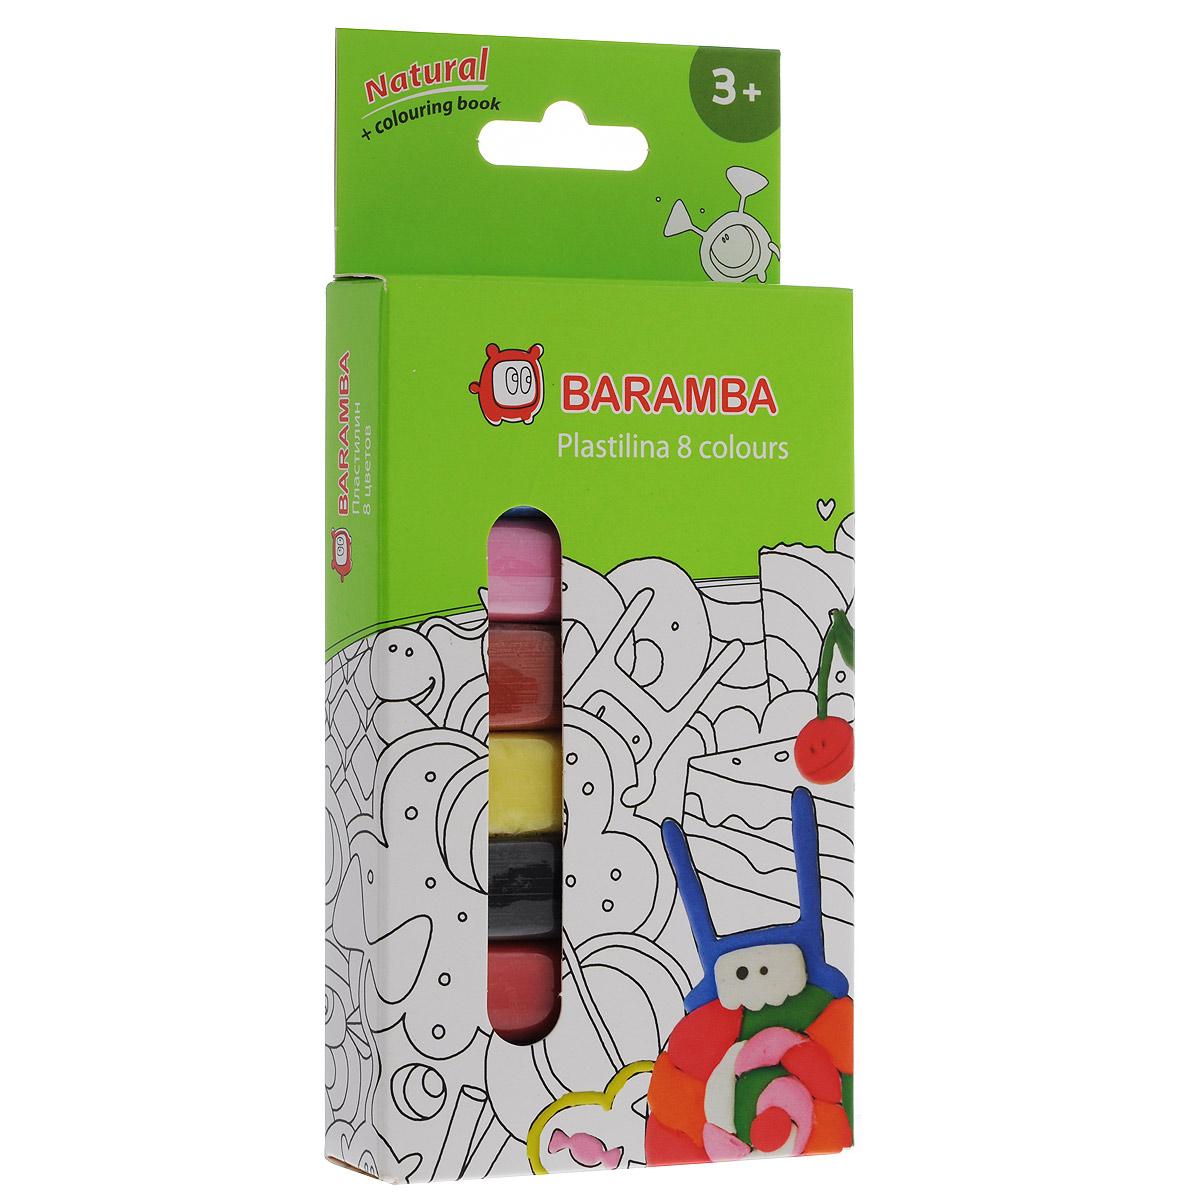 Пластилин на натуральной основе Baramba, 8 цветов, с раскраскойB30008Пластилин Baramba это отличная возможность познакомить ребенка с еще одним из видов изобразительного творчества, в котором создаются объемные образы и целые композиции. В набор входит пластилин 8 ярких цветов (белый, голубой, розовый, светло-коричневый, желтый, черный, красный, зеленый) и раскраска. Цвета пластилина легко смешиваются между собой, и таким образом можно получить новые оттенки. Пластилин на растительной основе имеет яркие, красочные цвета и не липнет к рукам, не сохнет.Техника лепки богата и разнообразна, но при этом доступна даже маленьким детям. Занятие лепкой не только увлекательно, но и полезно для ребенка. Оно способствует развитию творческого и пространственного мышления, восприятия формы, фактуры, цвета и веса, развивает воображение и мелкую моторику.